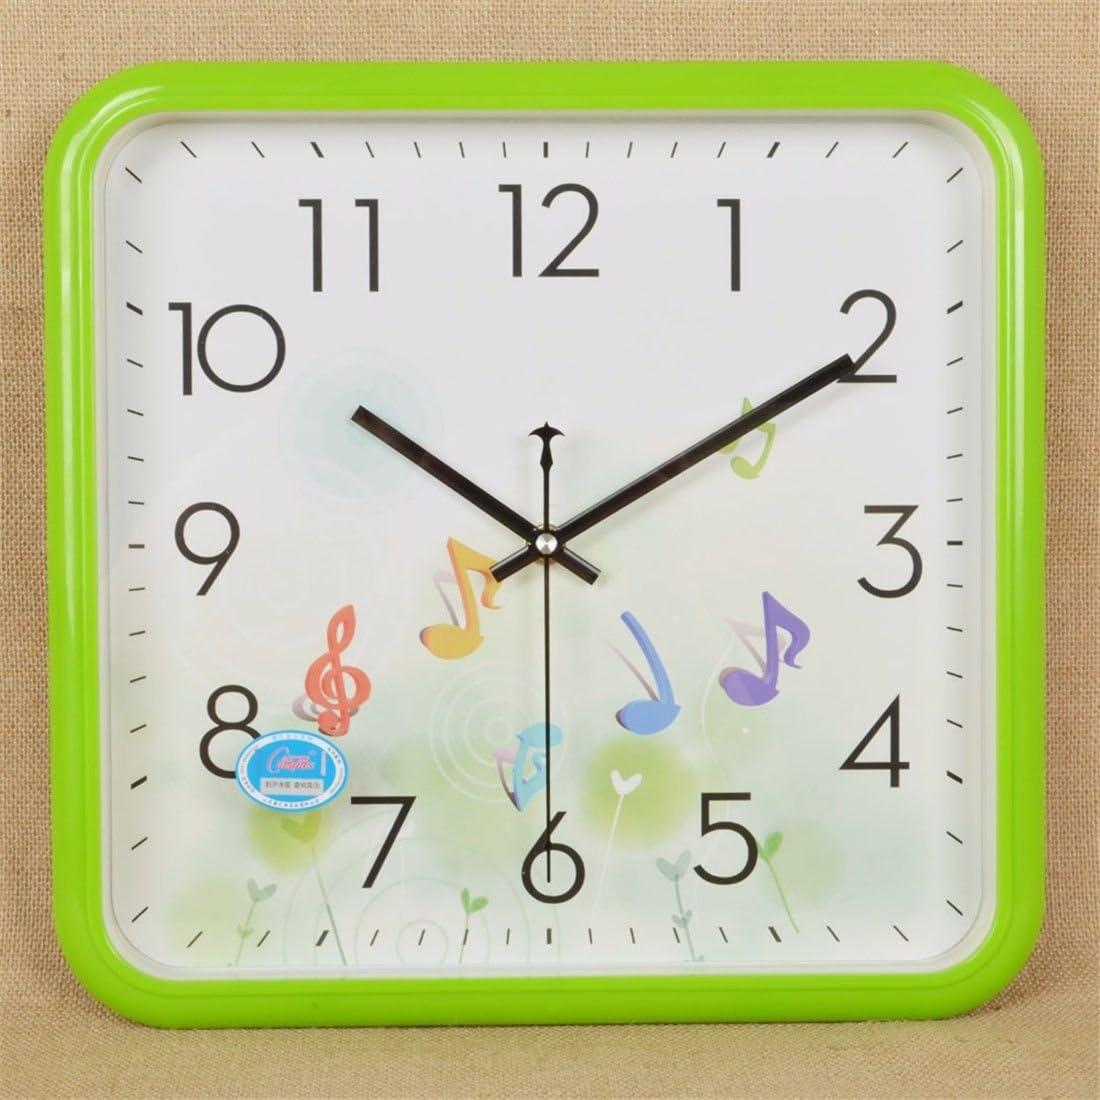 FortuneVin Reloj de Cuarzo de Cuadrados de Silencio 14 en Verde Reloj de Pared operado por baterías Modernos Relojes Colgantes